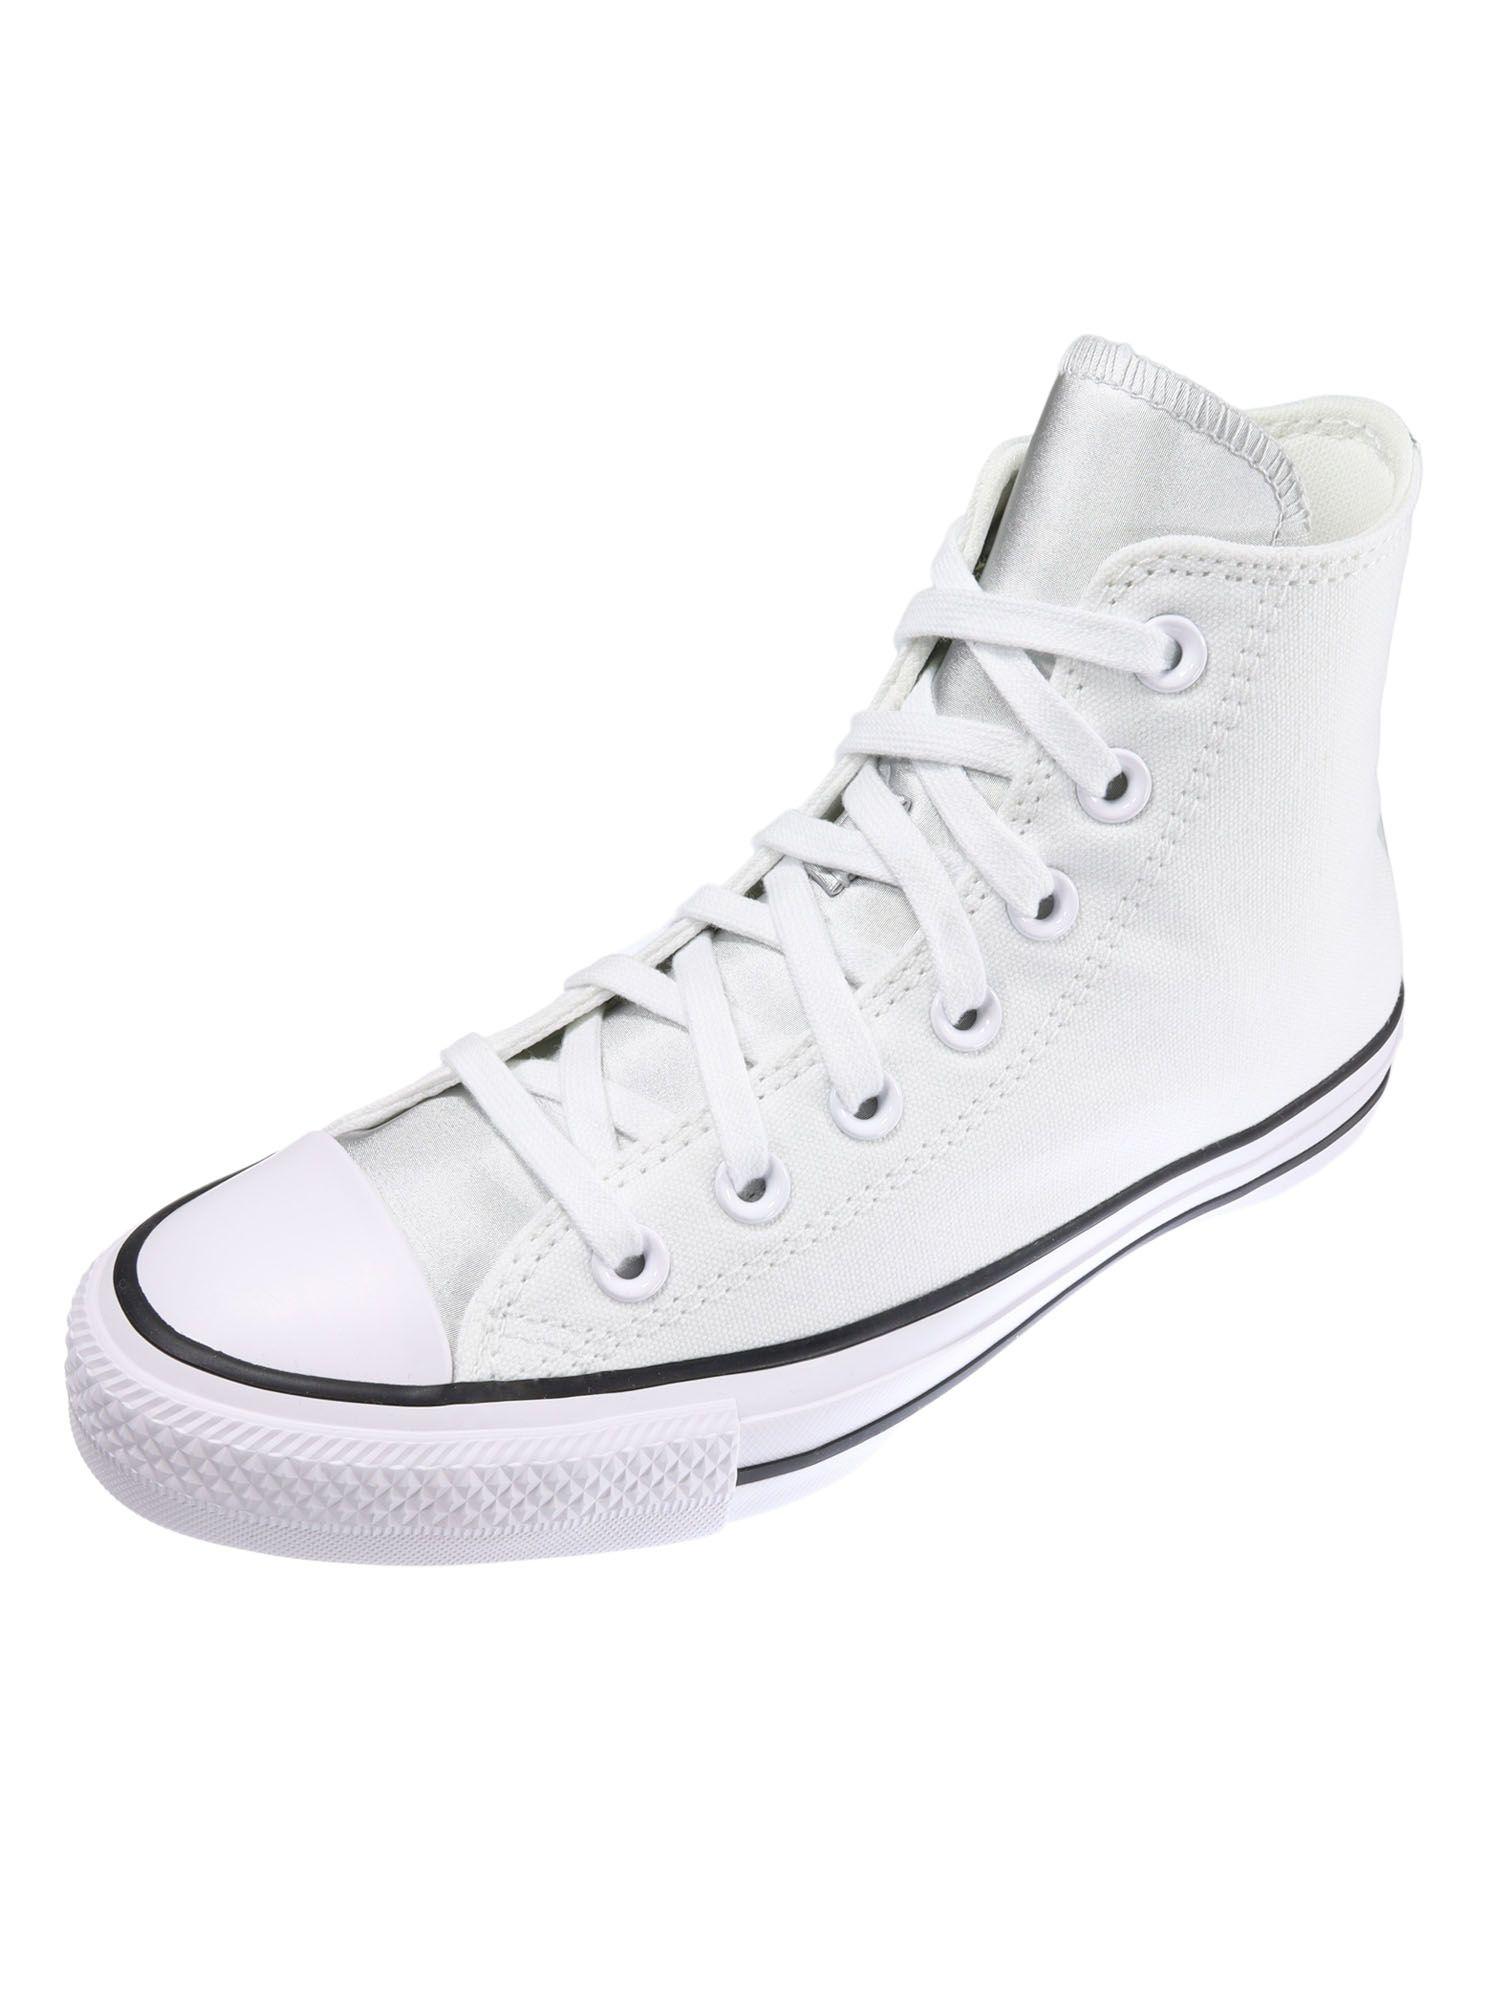 Converse Damen Schuhe CT All Star Hi Weiß Leinen Sneakers 37 EU